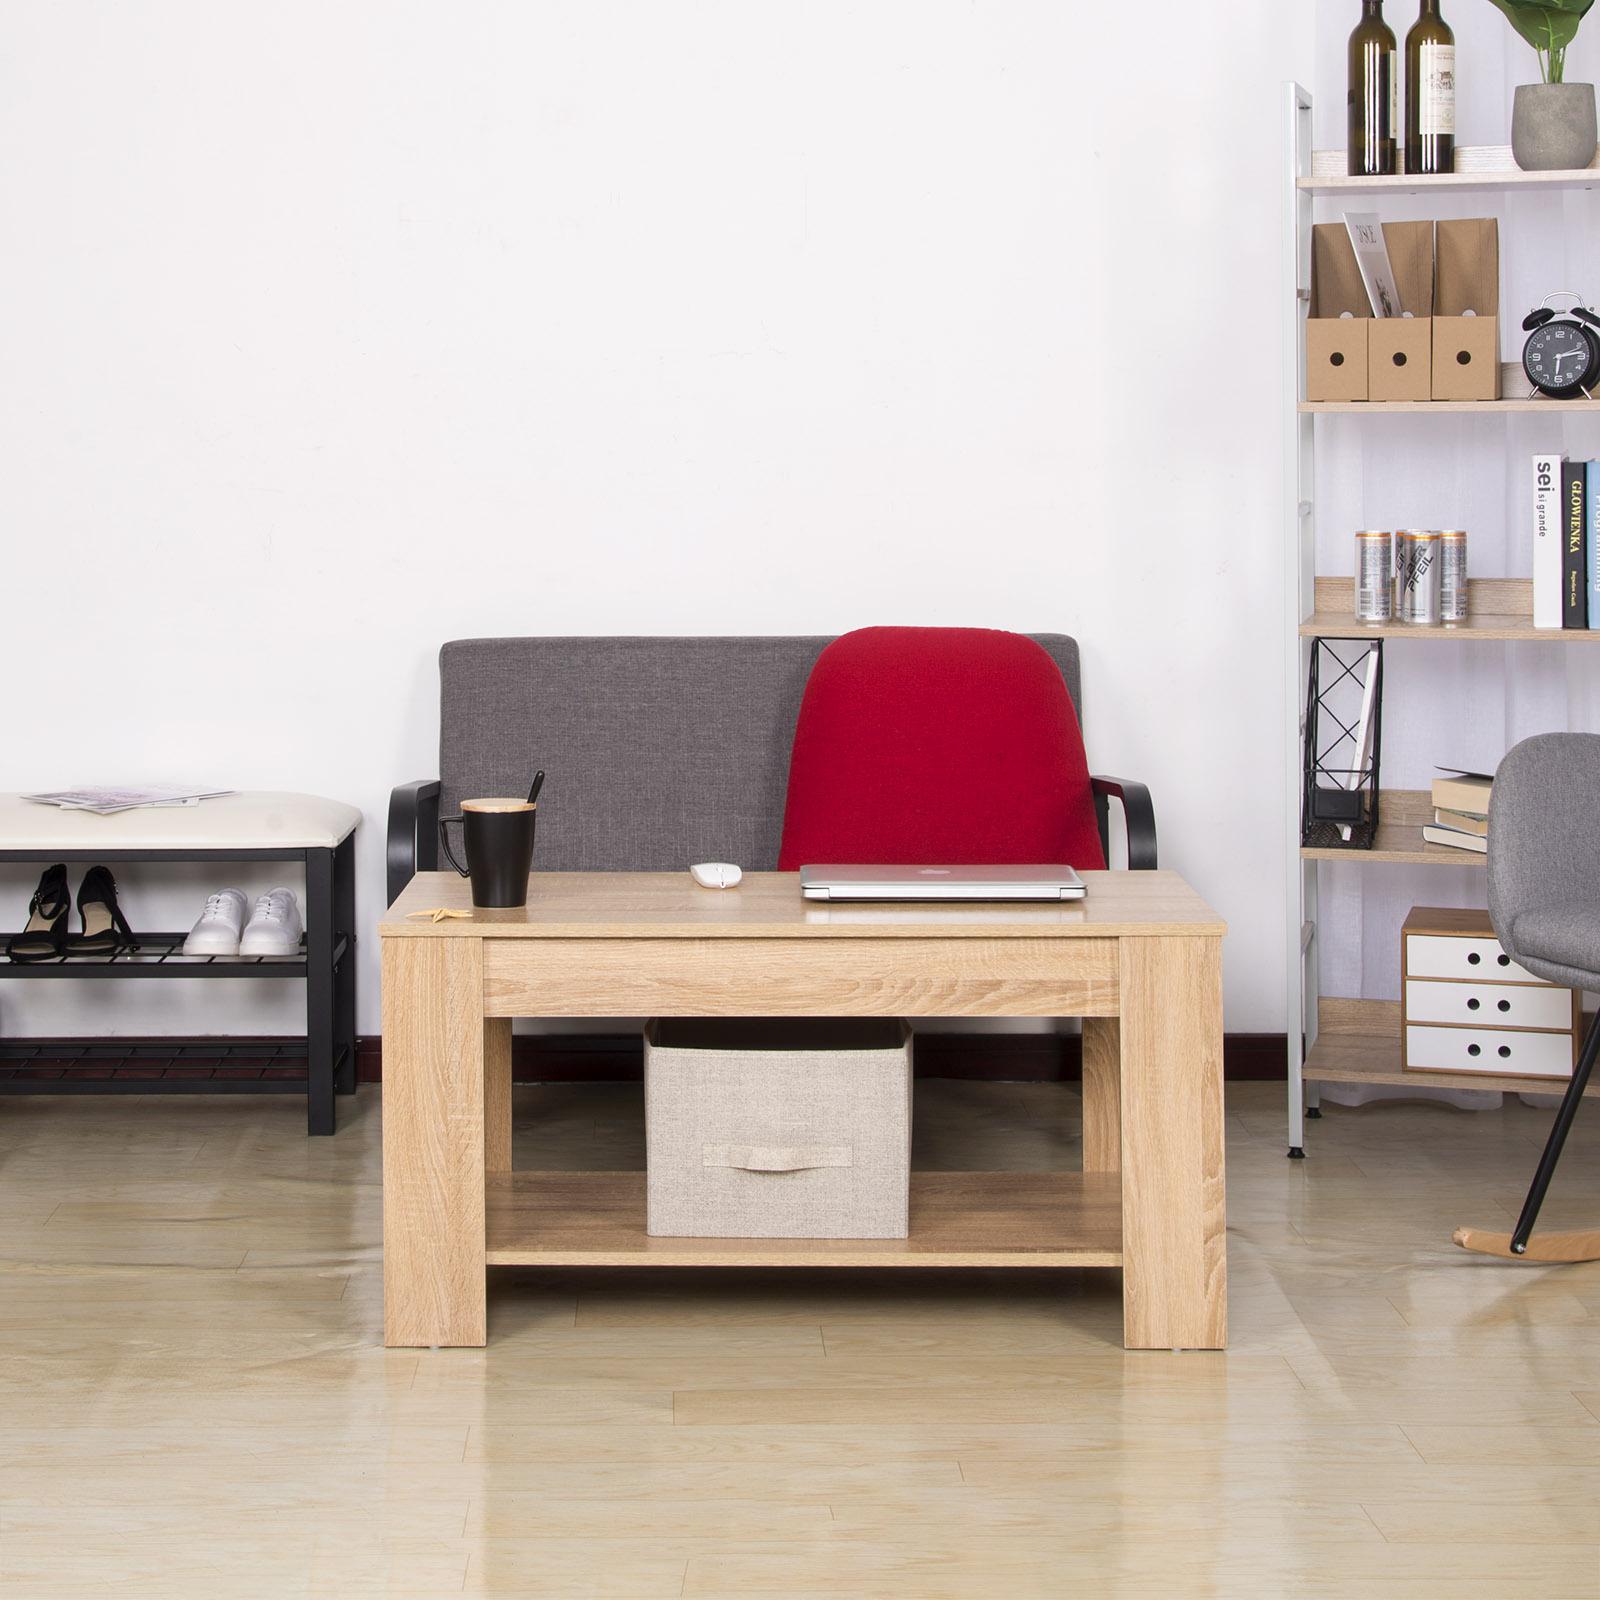 beistelltisch sofatisch couchtisch wohnzimmertisch mit. Black Bedroom Furniture Sets. Home Design Ideas